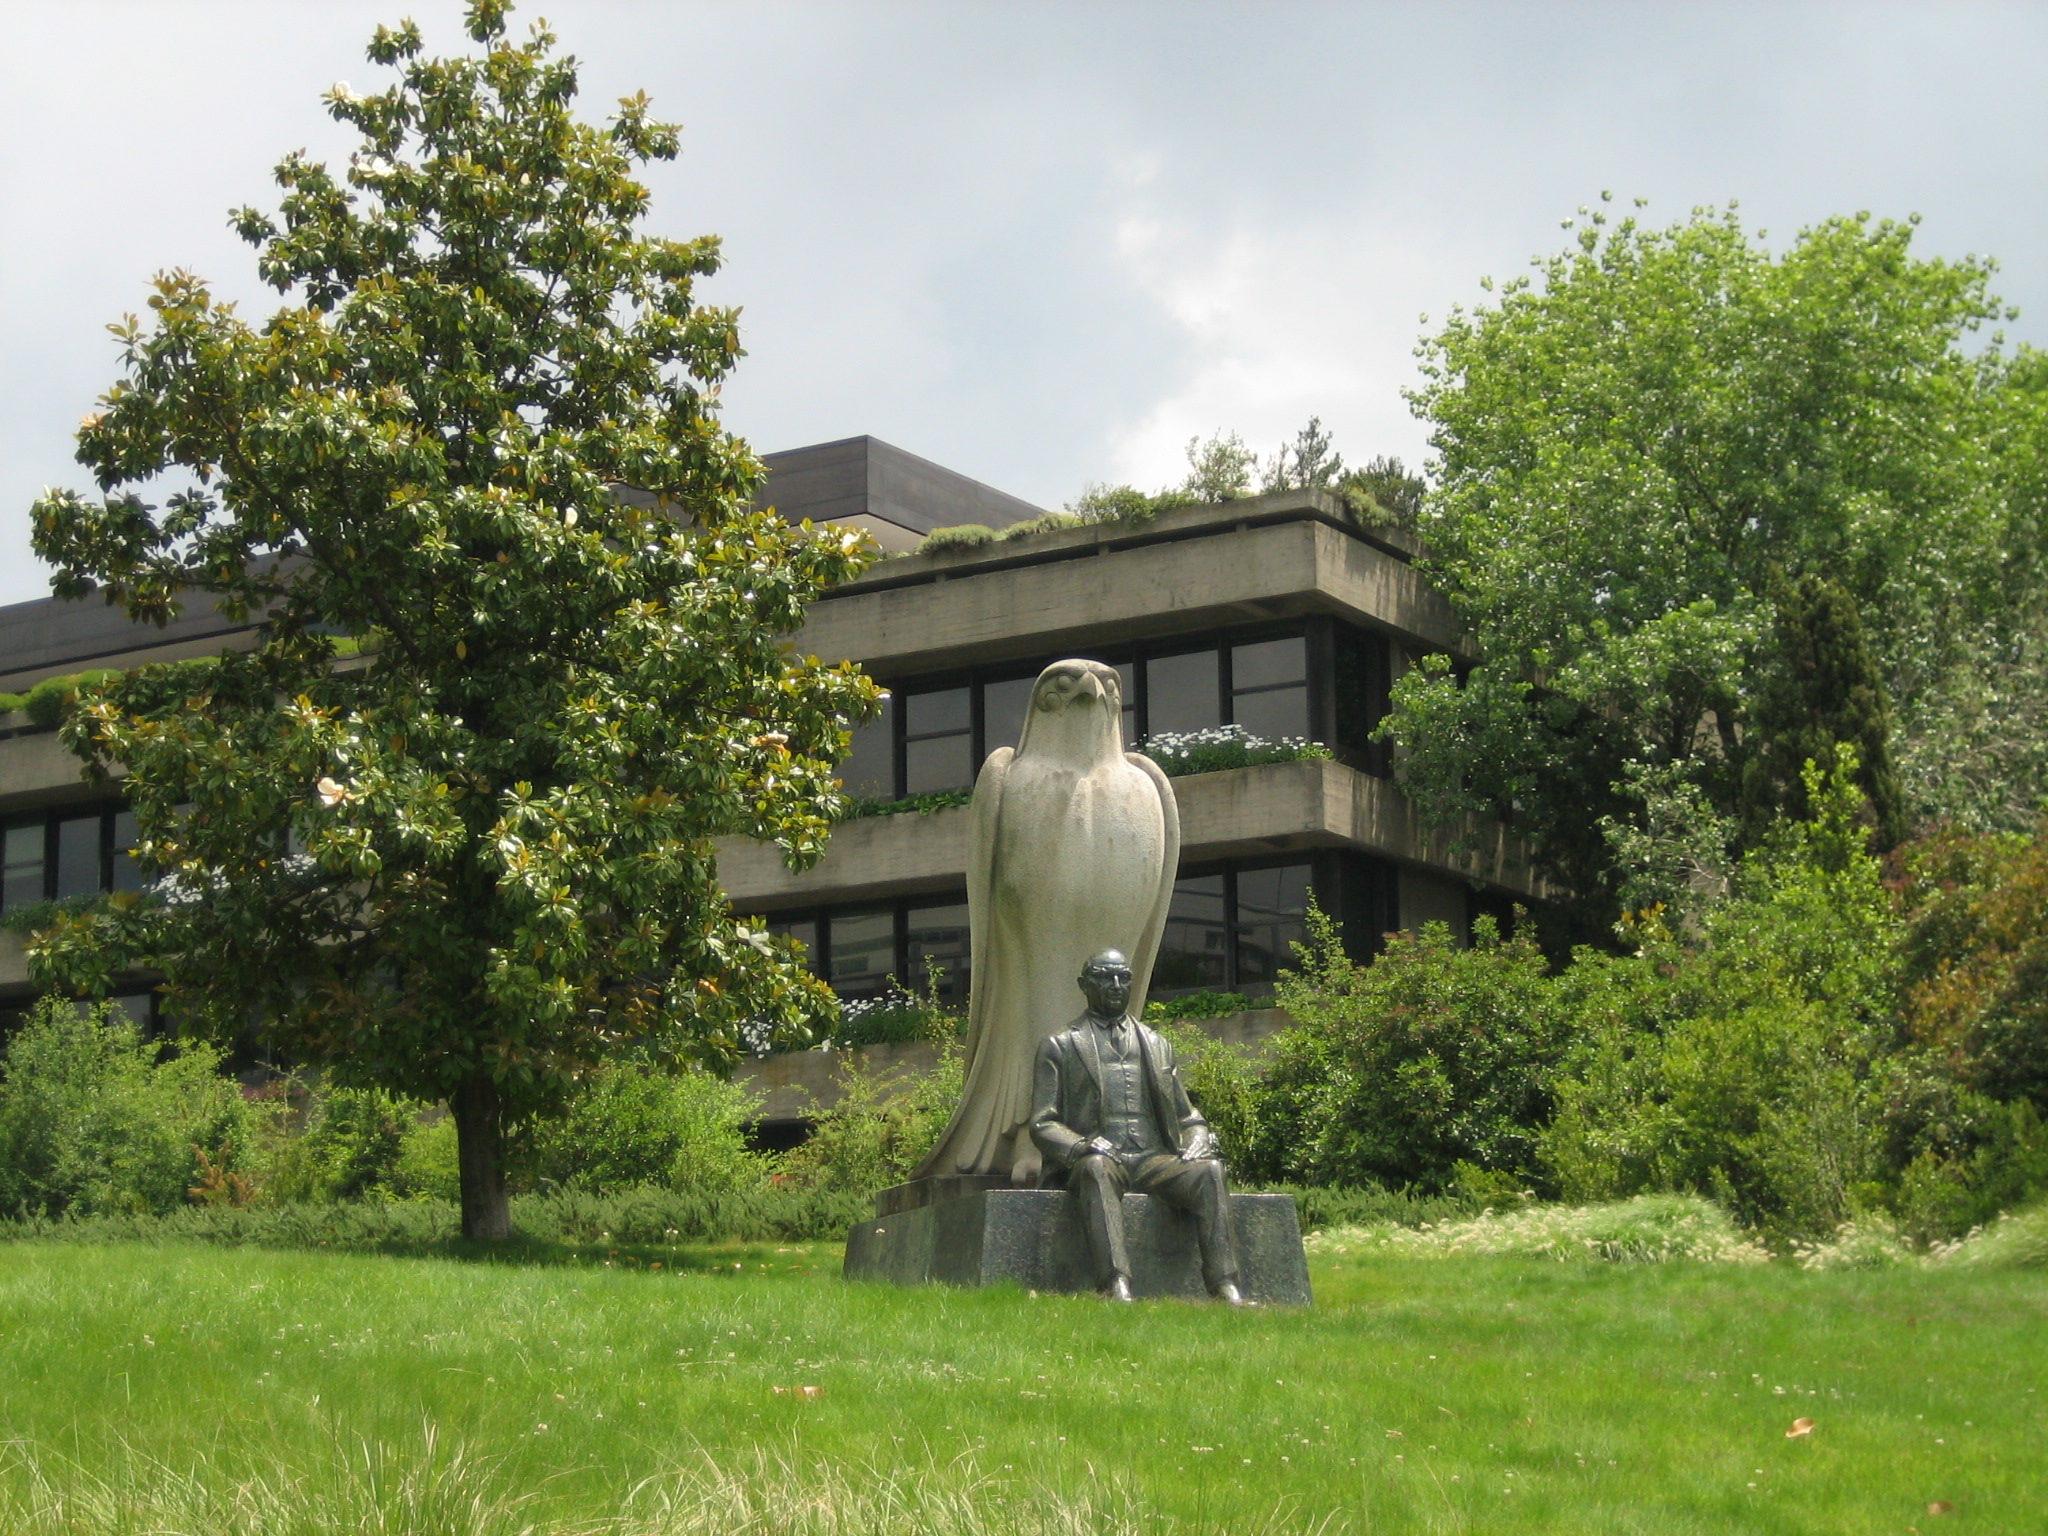 Музей Галуста Гюльбенкяна